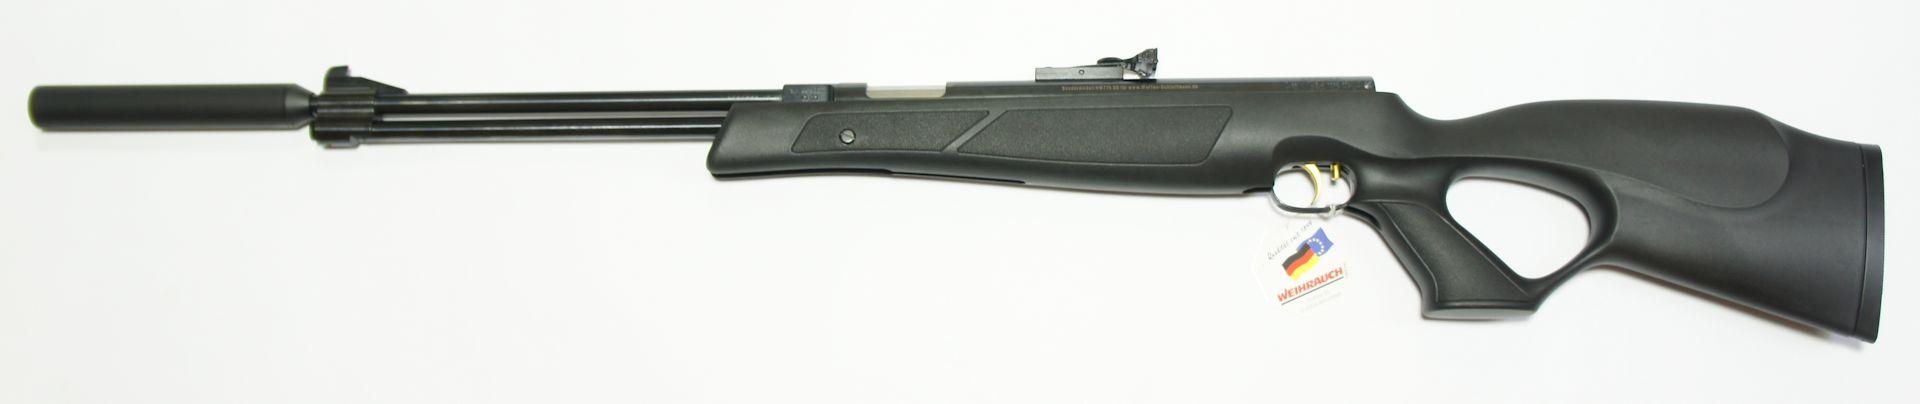 HW 77 K-sd black line, Kunststoffschaft, Kaliber 5,5mm, freie Ausführung mit 7,5J